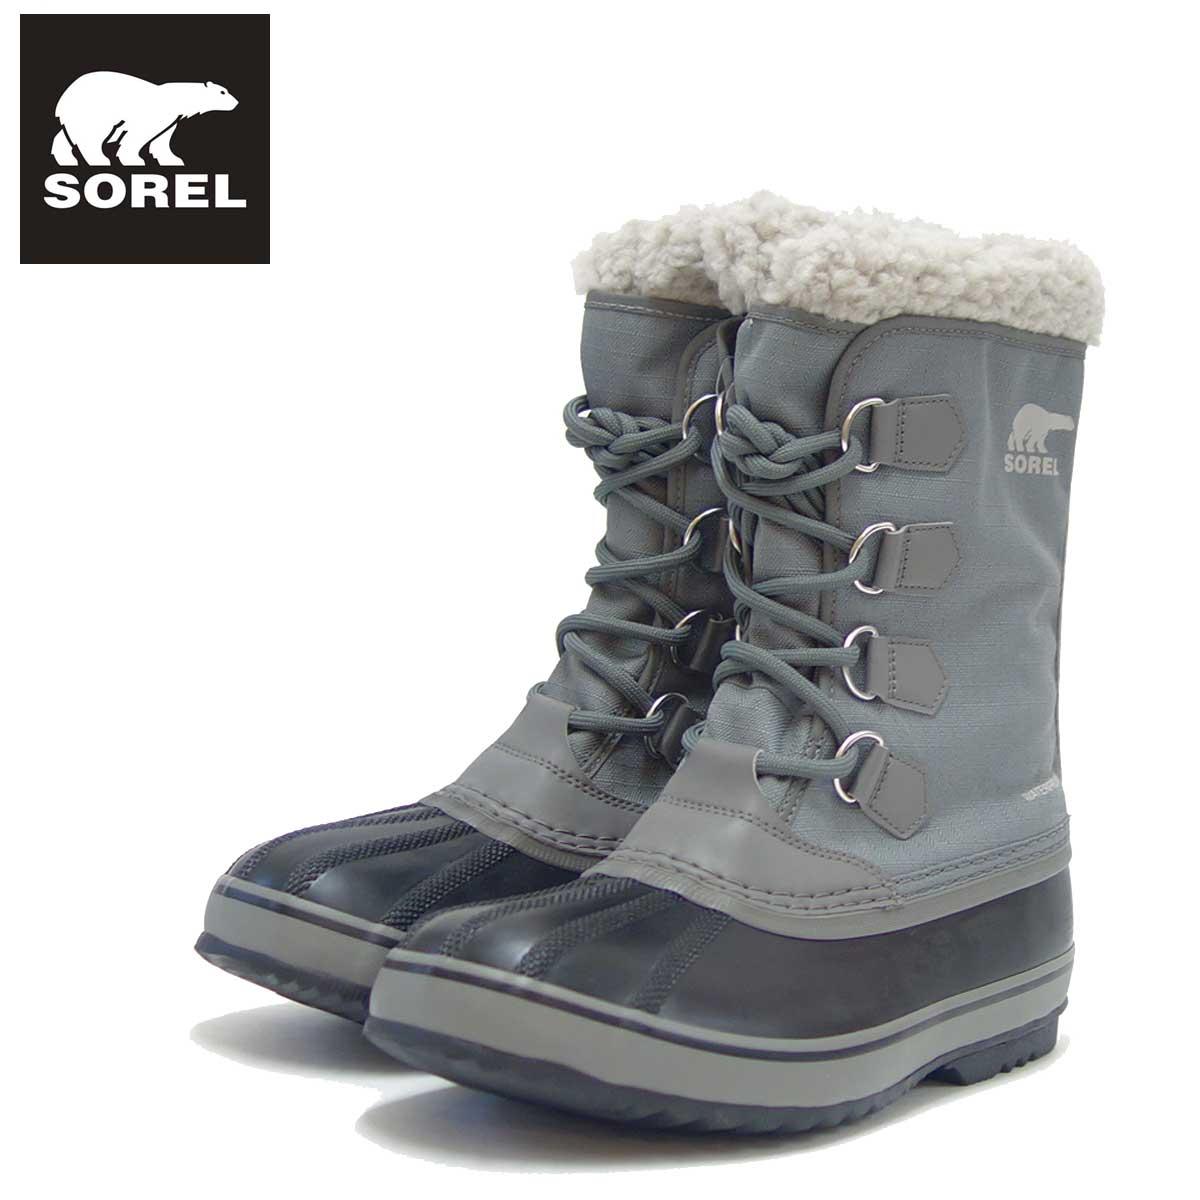 SOREL ソレル NM3487(メンズ) 1964パックナイロン カラー:QUARRY/DOVE(052) 「靴」